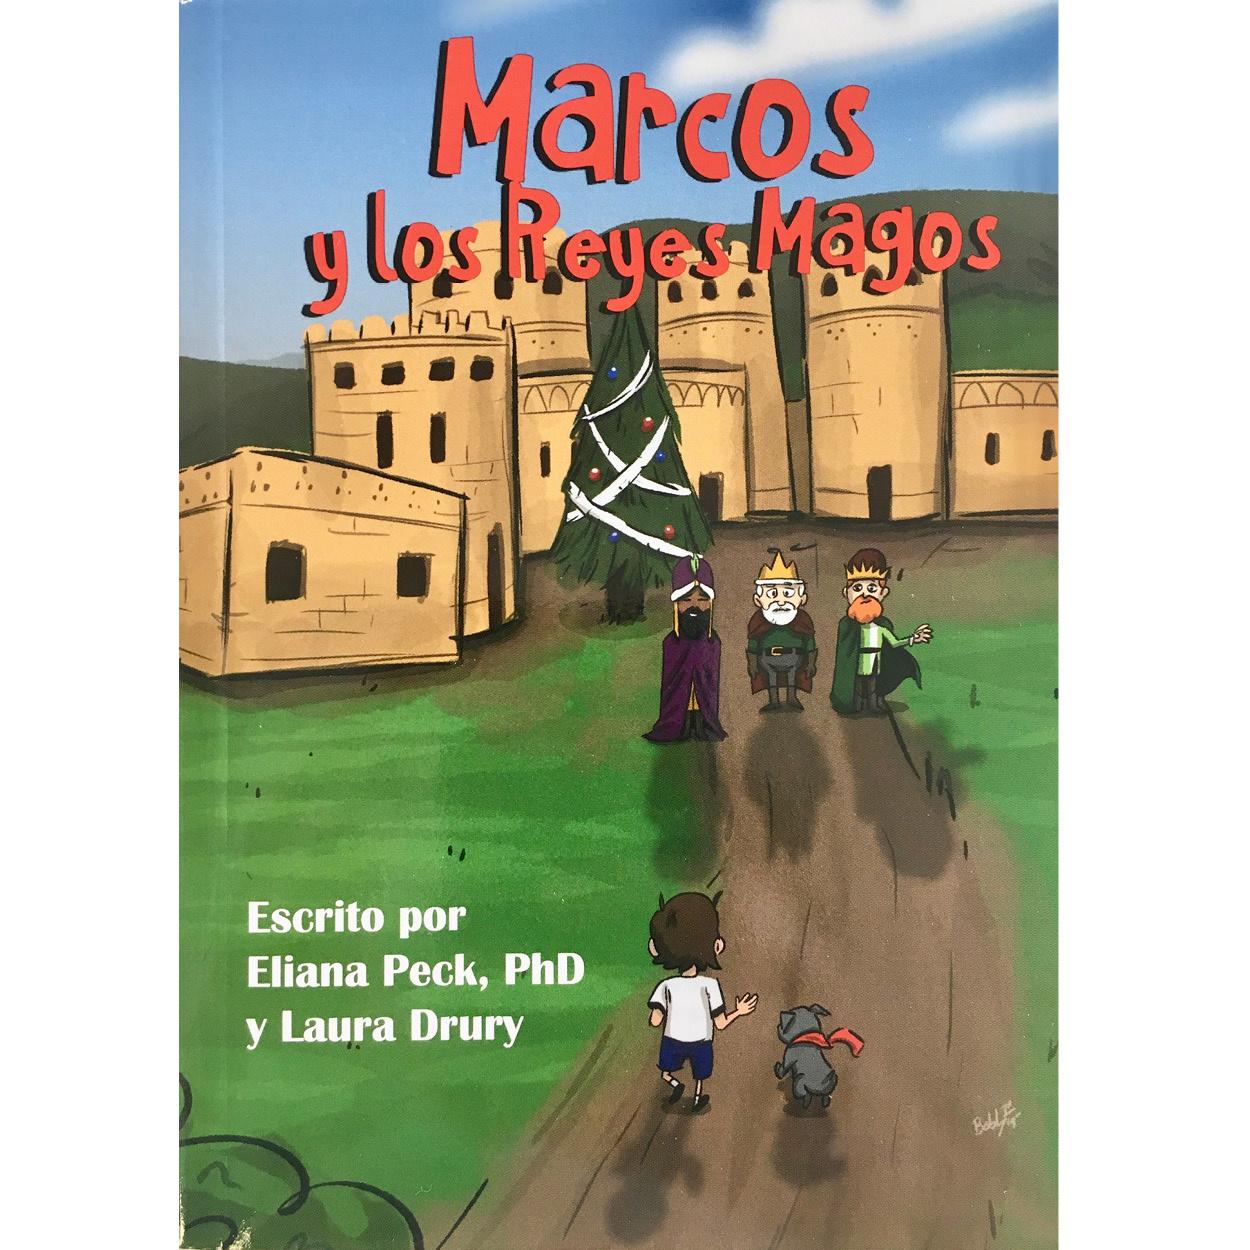 Marcos y los Reyes Magos